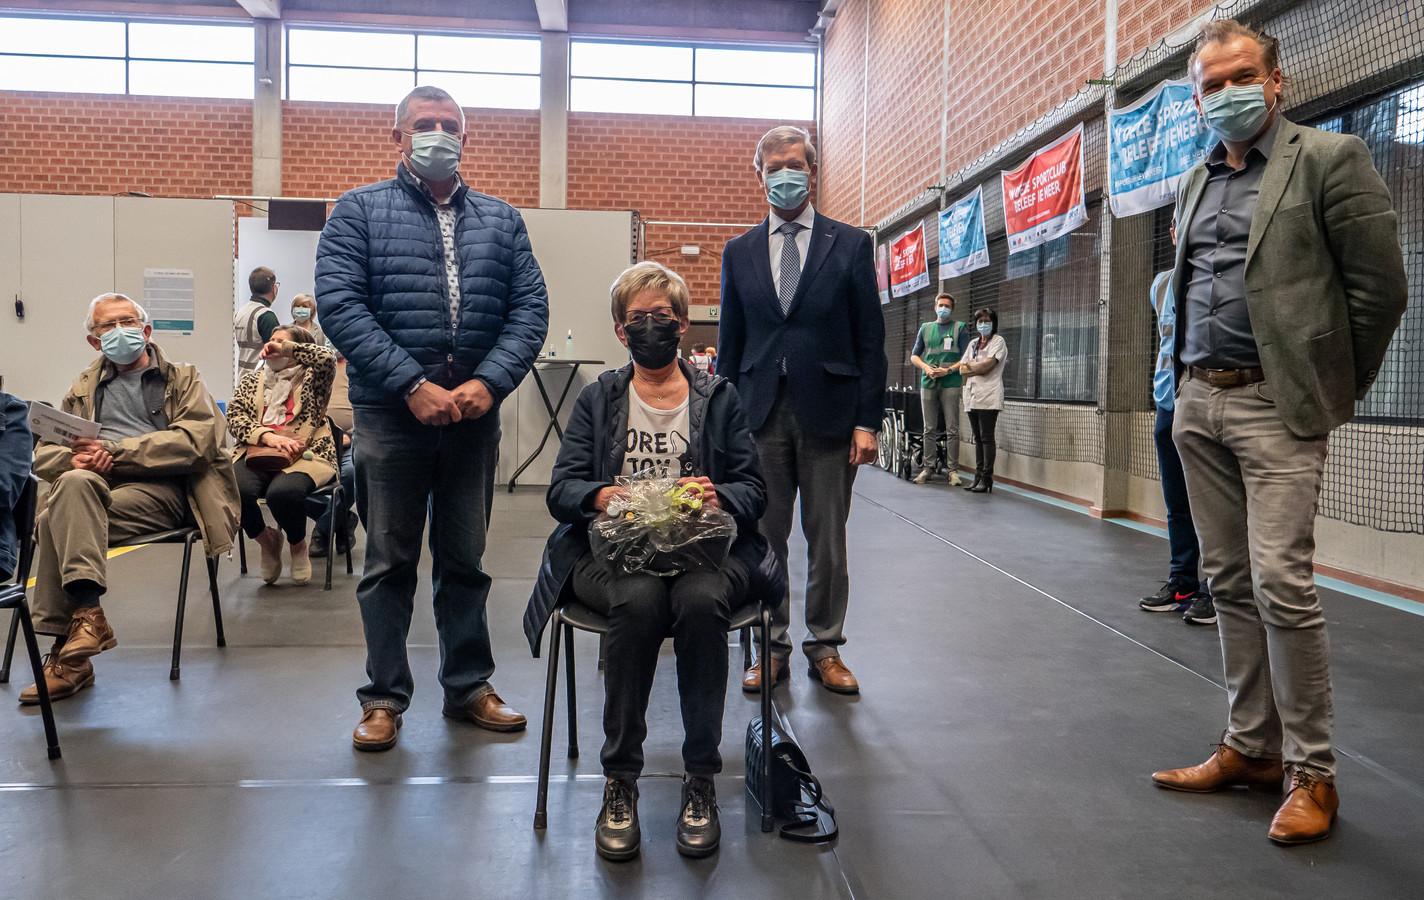 Christianne Debaer uit Riemst (midden) kreeg vrijdagnamiddag de tienduizendste 'coronaprik' in het Bilzens vaccinatiecentrum. Een moment dat burgemeester van Hoeselt Werner Raskin (Vld Plus), Bilzens burgemeester Johan Sauwens (TOB) en Riemsts burgemeester Mark Vos (CD&V) wilden vieren met een geschenkmand en een dankwoord.